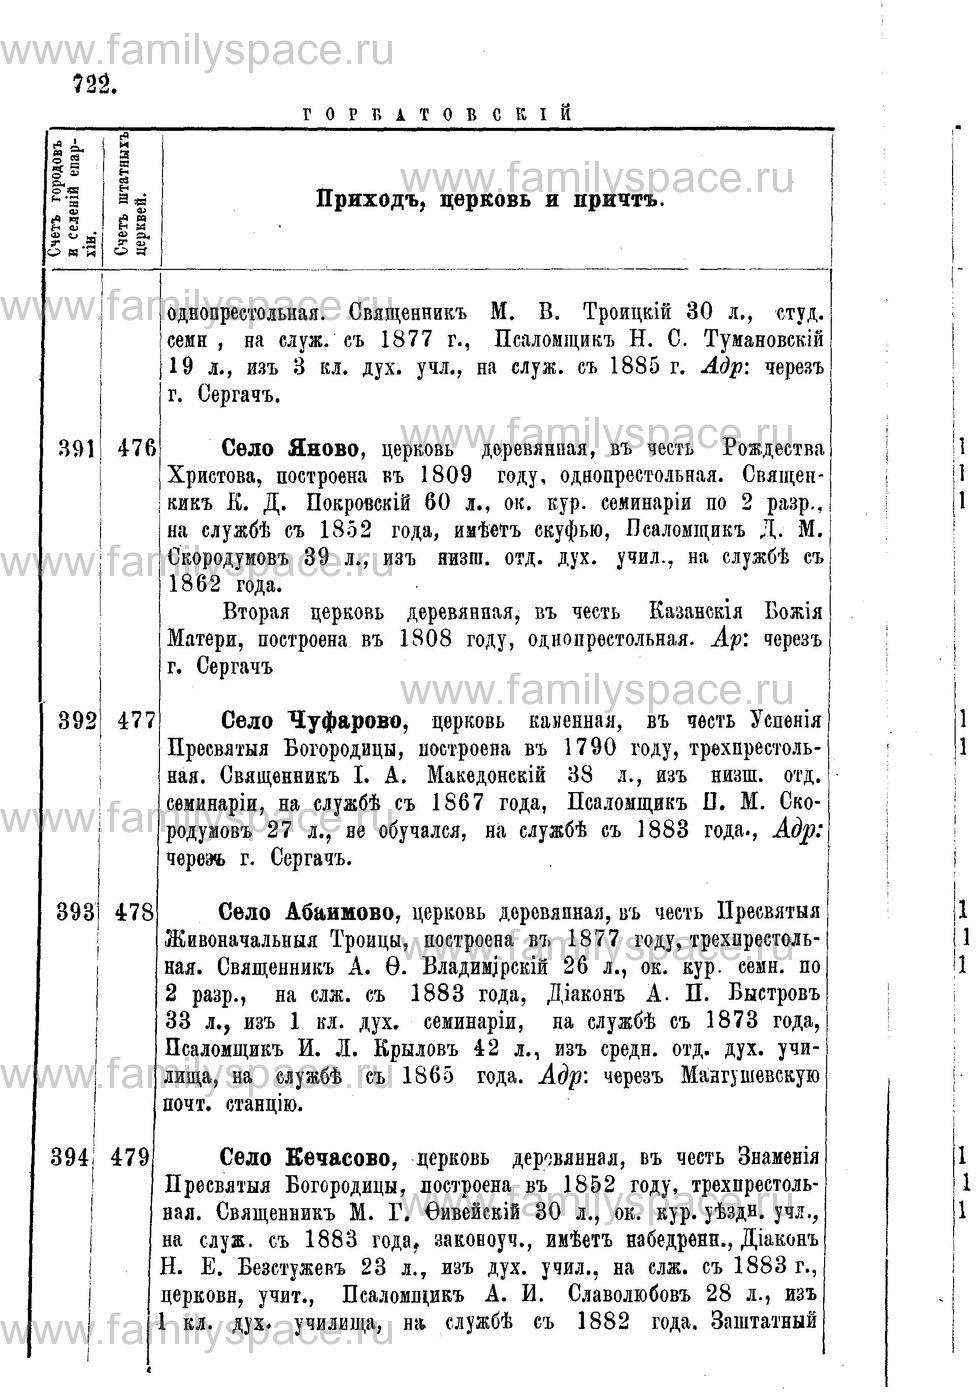 Поиск по фамилии - Адрес-календарь Нижегородской епархии на 1888 год, страница 1722